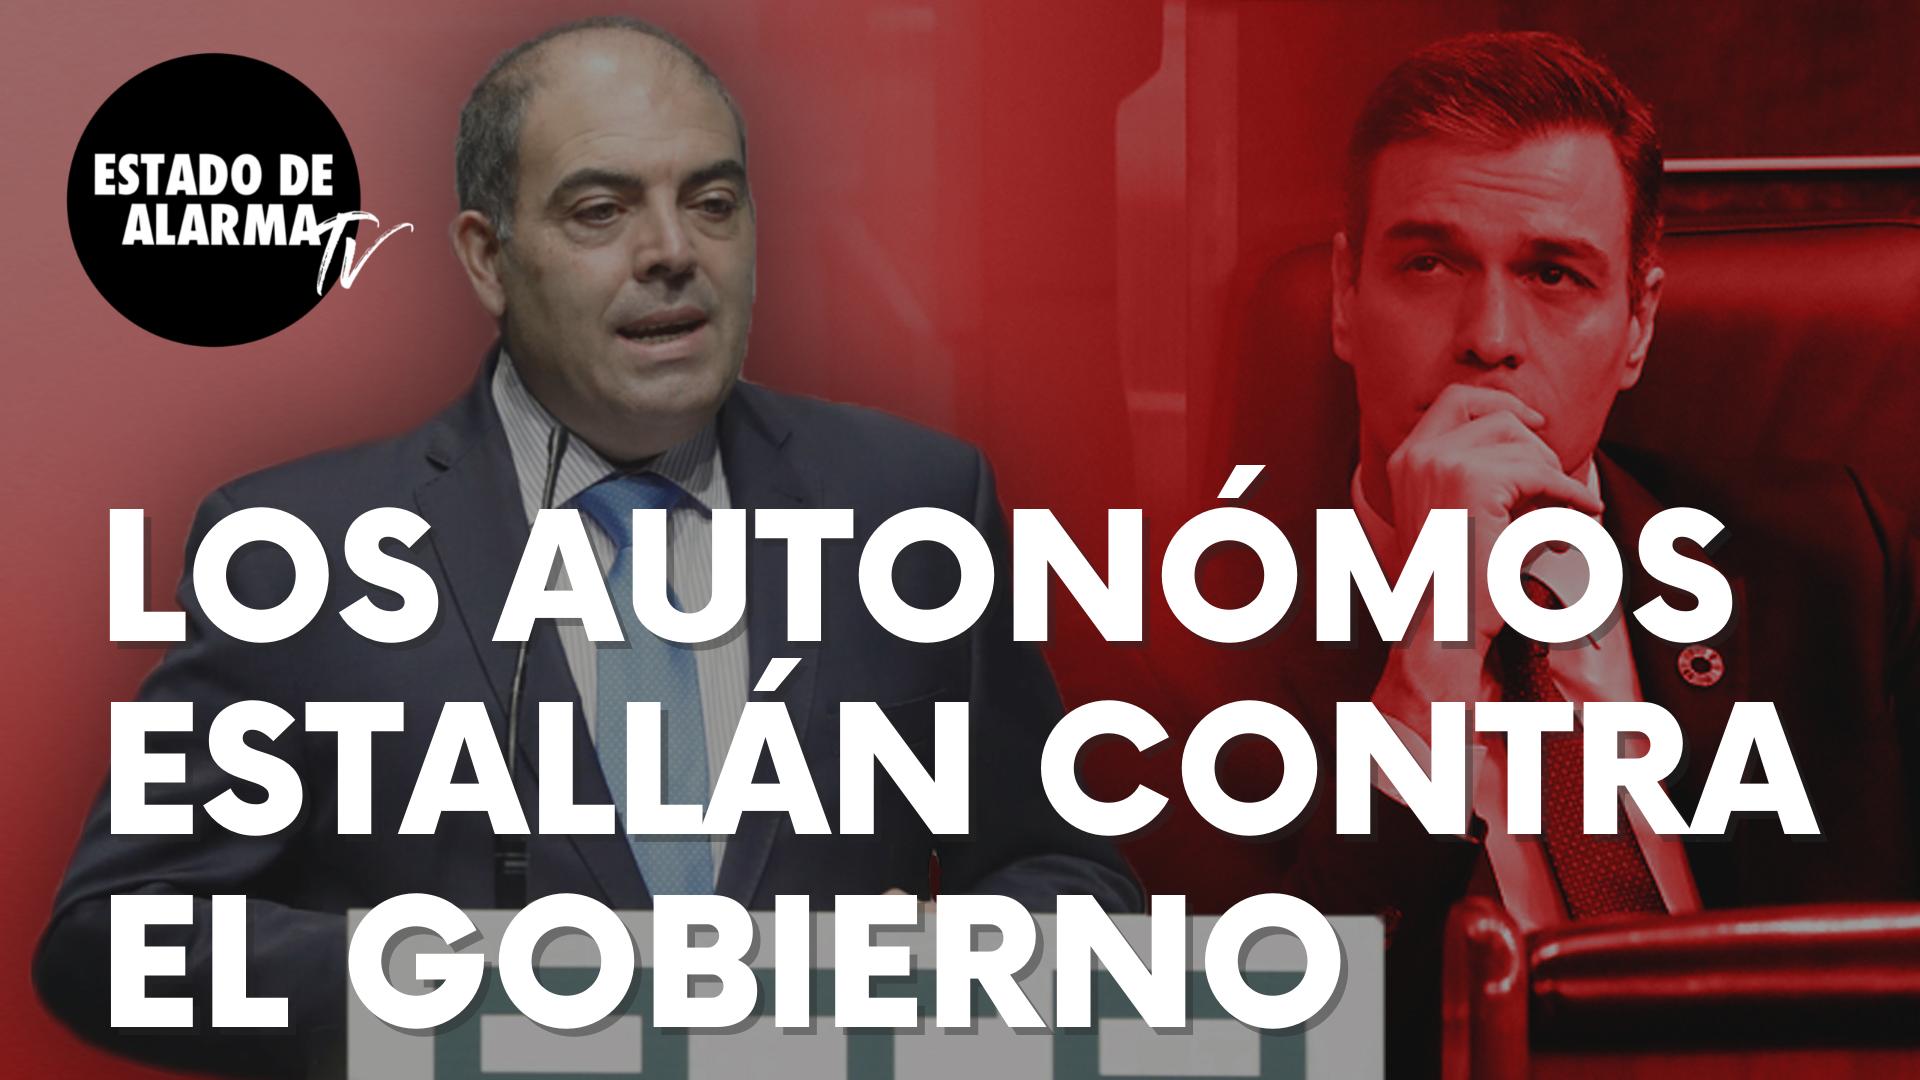 """Los autónomos estallan contra el Gobierno de Sánchez: """"Imposible acordar nada con el Gobierno"""""""